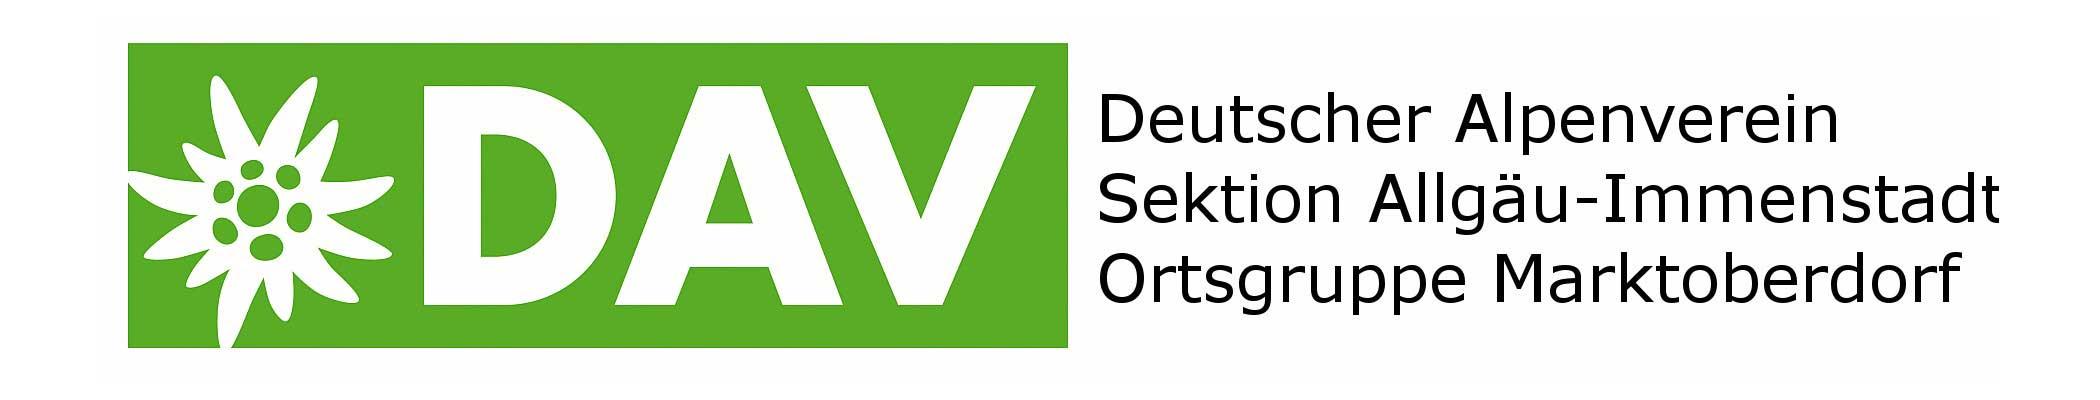 DAV Sektion Allgäu Immenstadt – logo